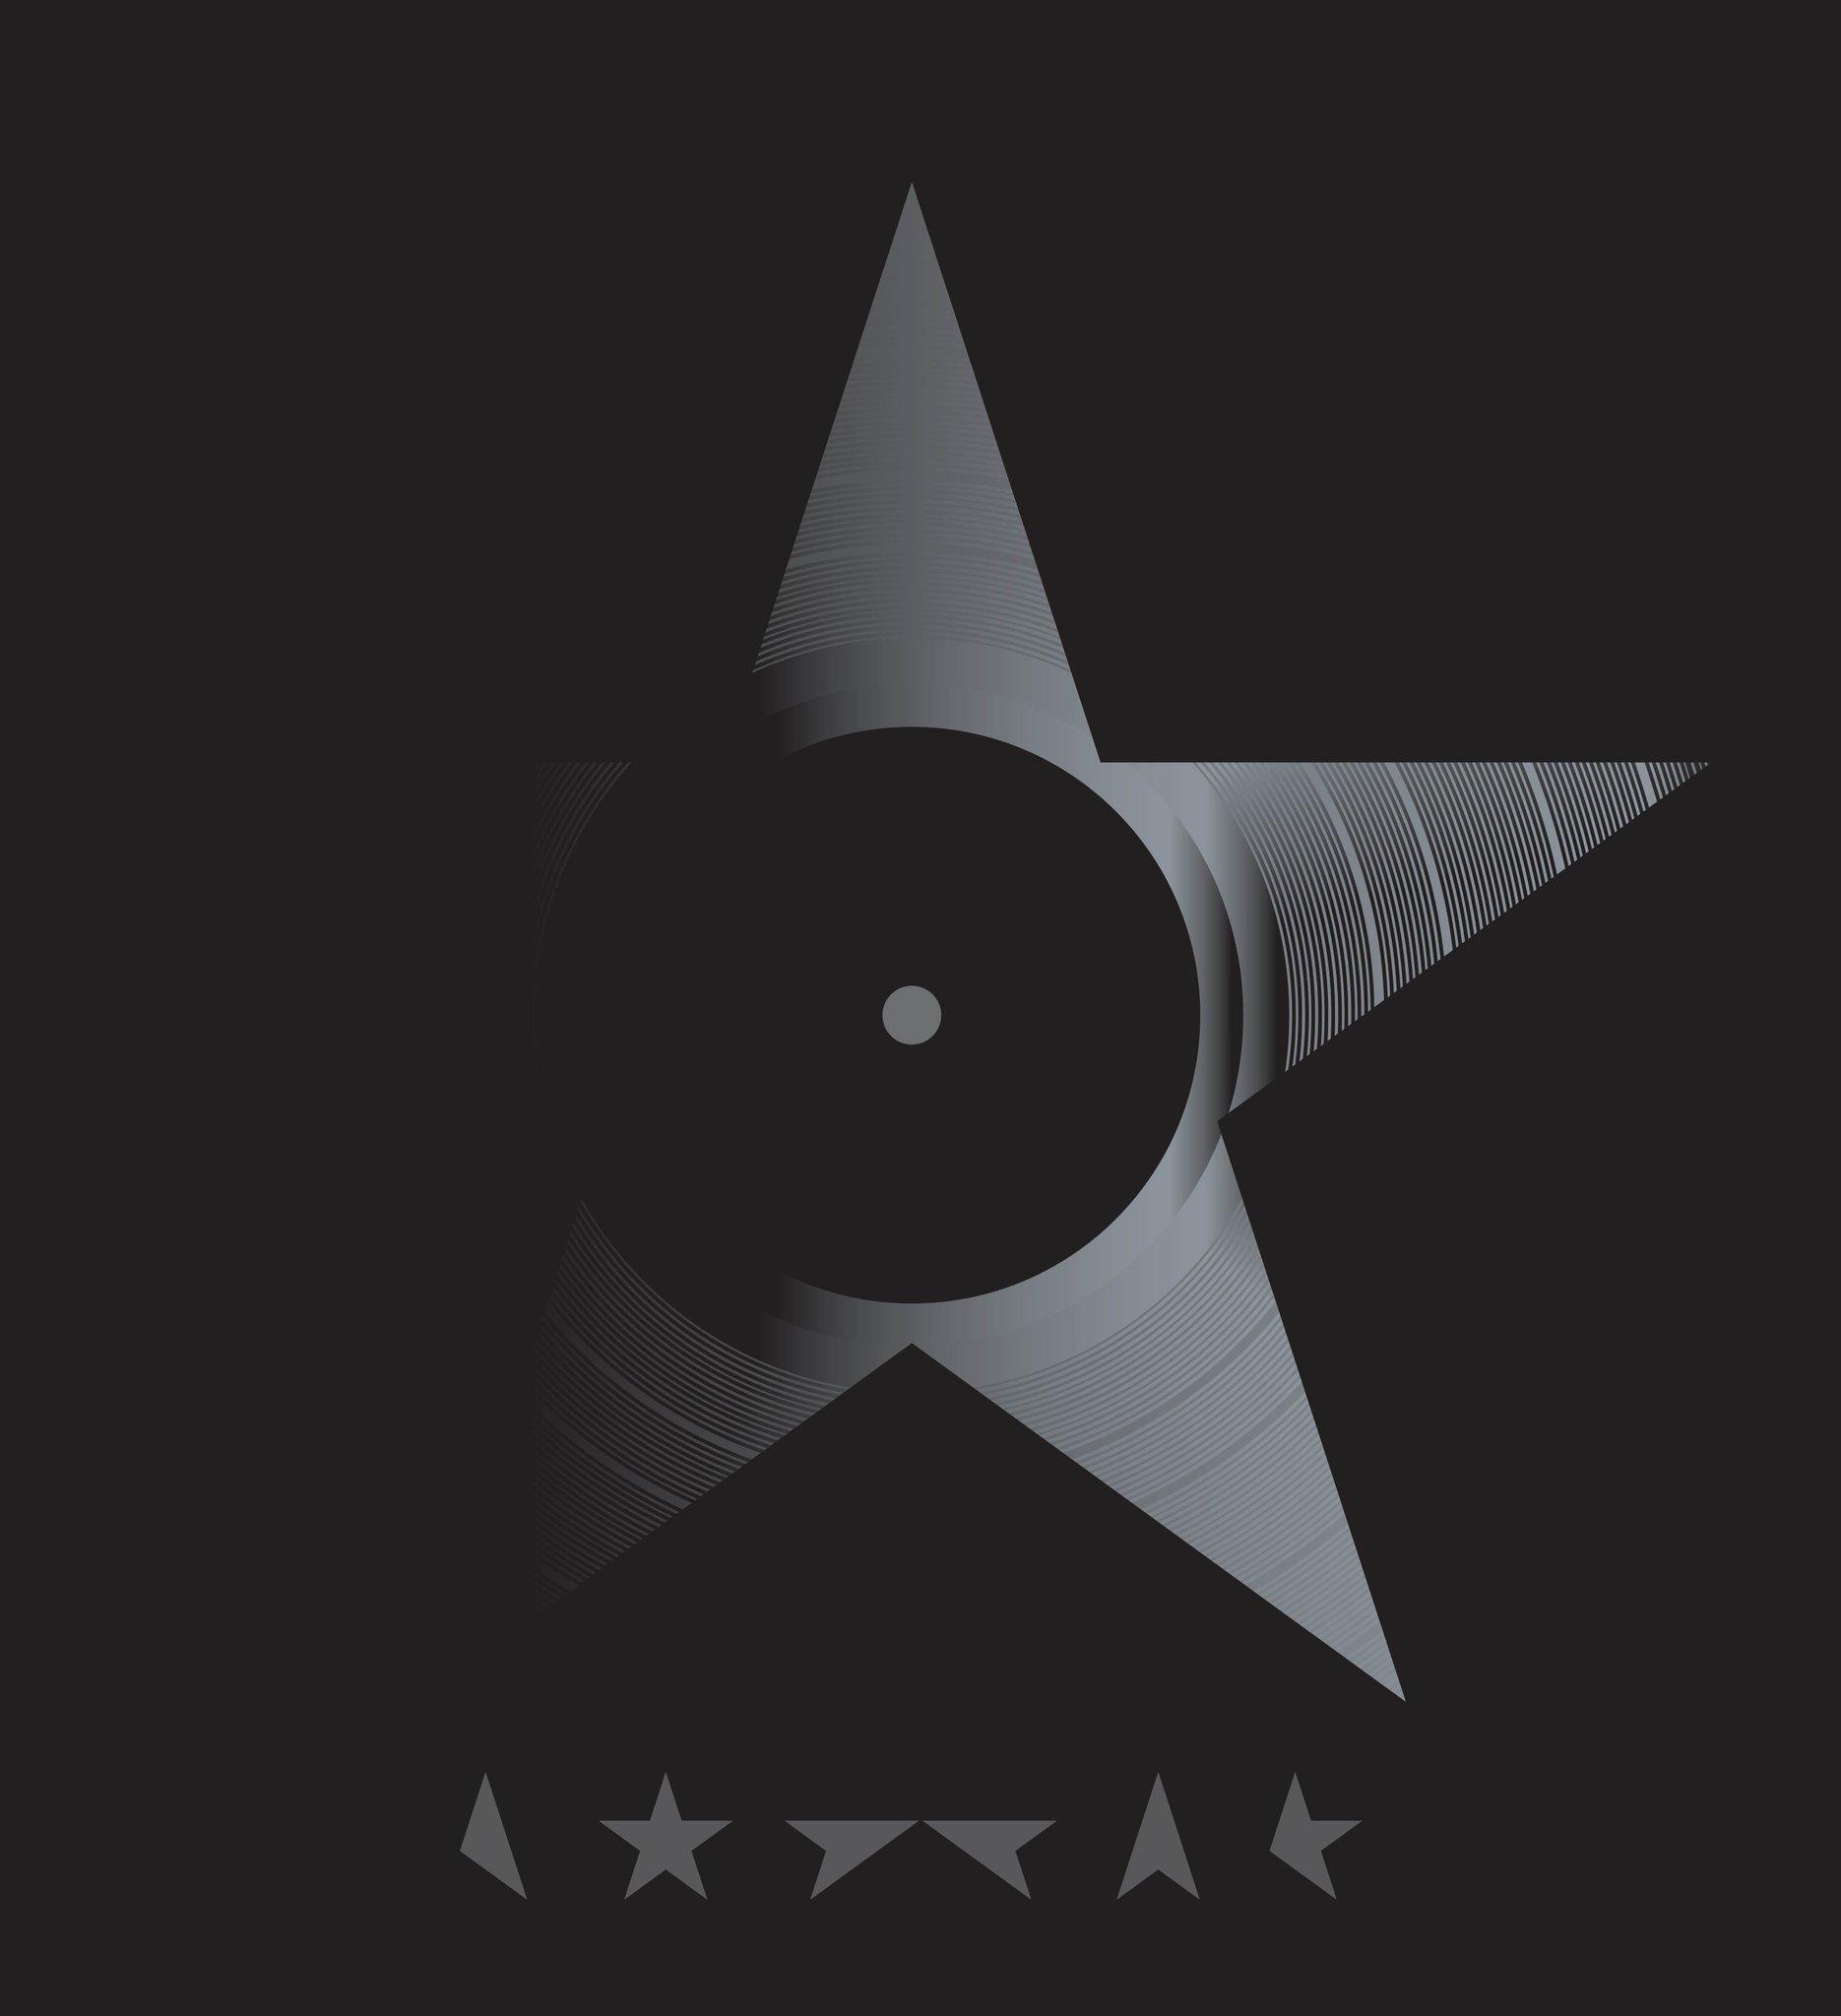 Resultado de imagem para david bowie blackstar album cover